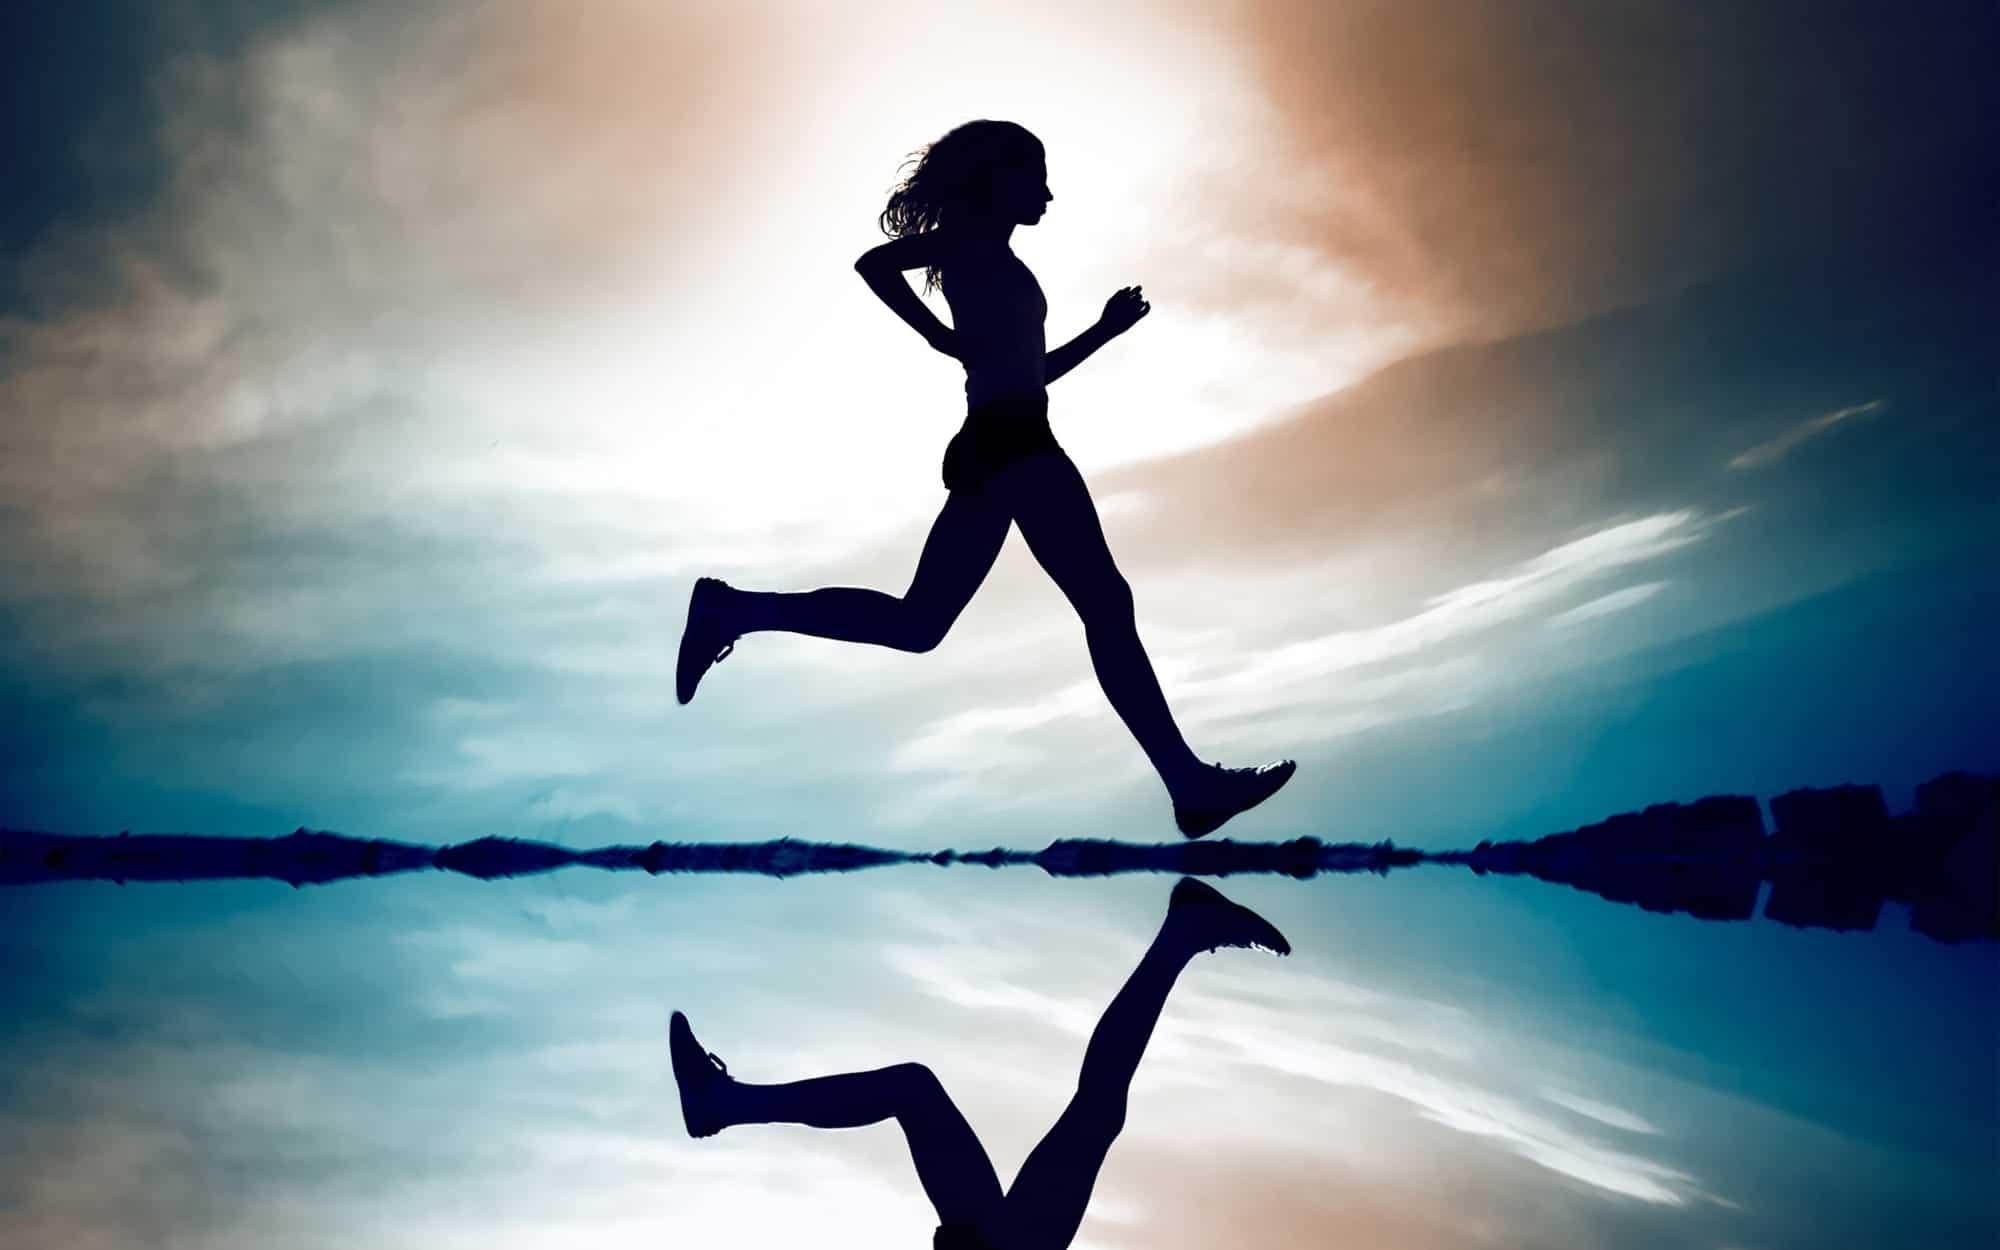 رؤية الجري في الحلم تفسير حلم الجري بسرعة للعزباء والمتزوجة والحامل